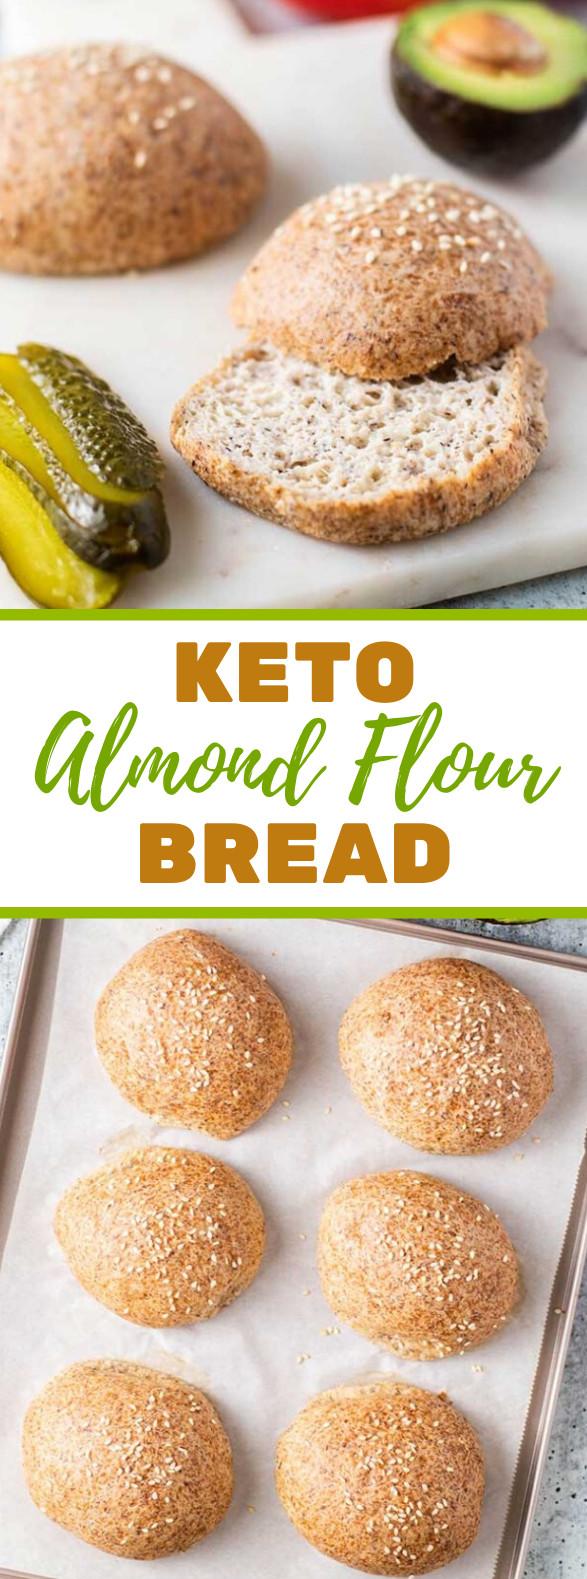 Keto Sandwich Bread Rolls  Keto Bread Rolls sandwiches healthy